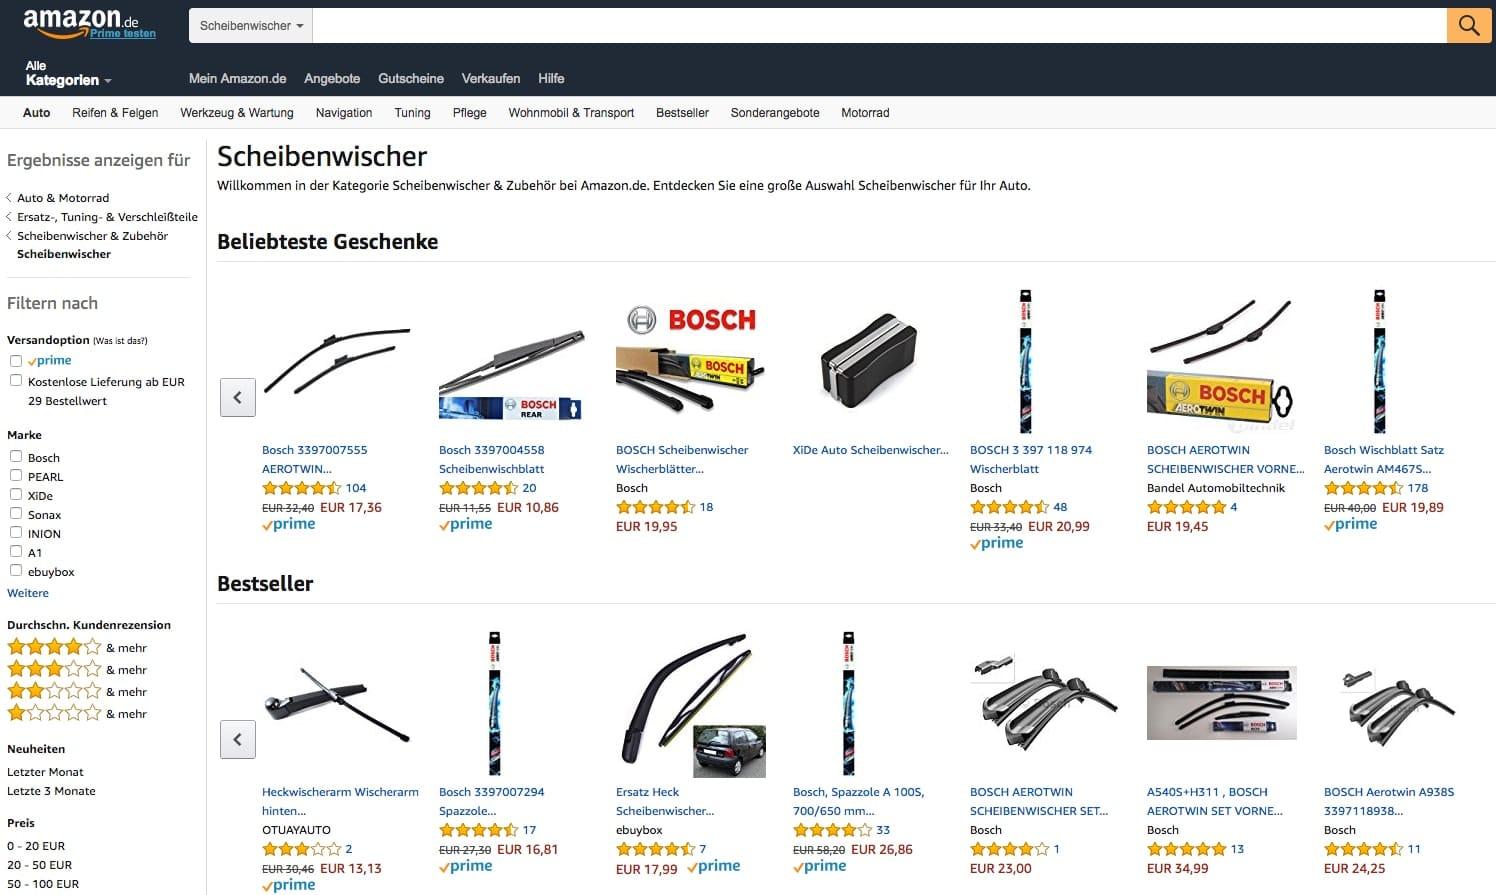 NOCH überschaubar: Die Orientierung bei Scheibenwischern auf Amazon.com für Otto Normalverbraucher (Quelle: Screenshot Amazon.de)